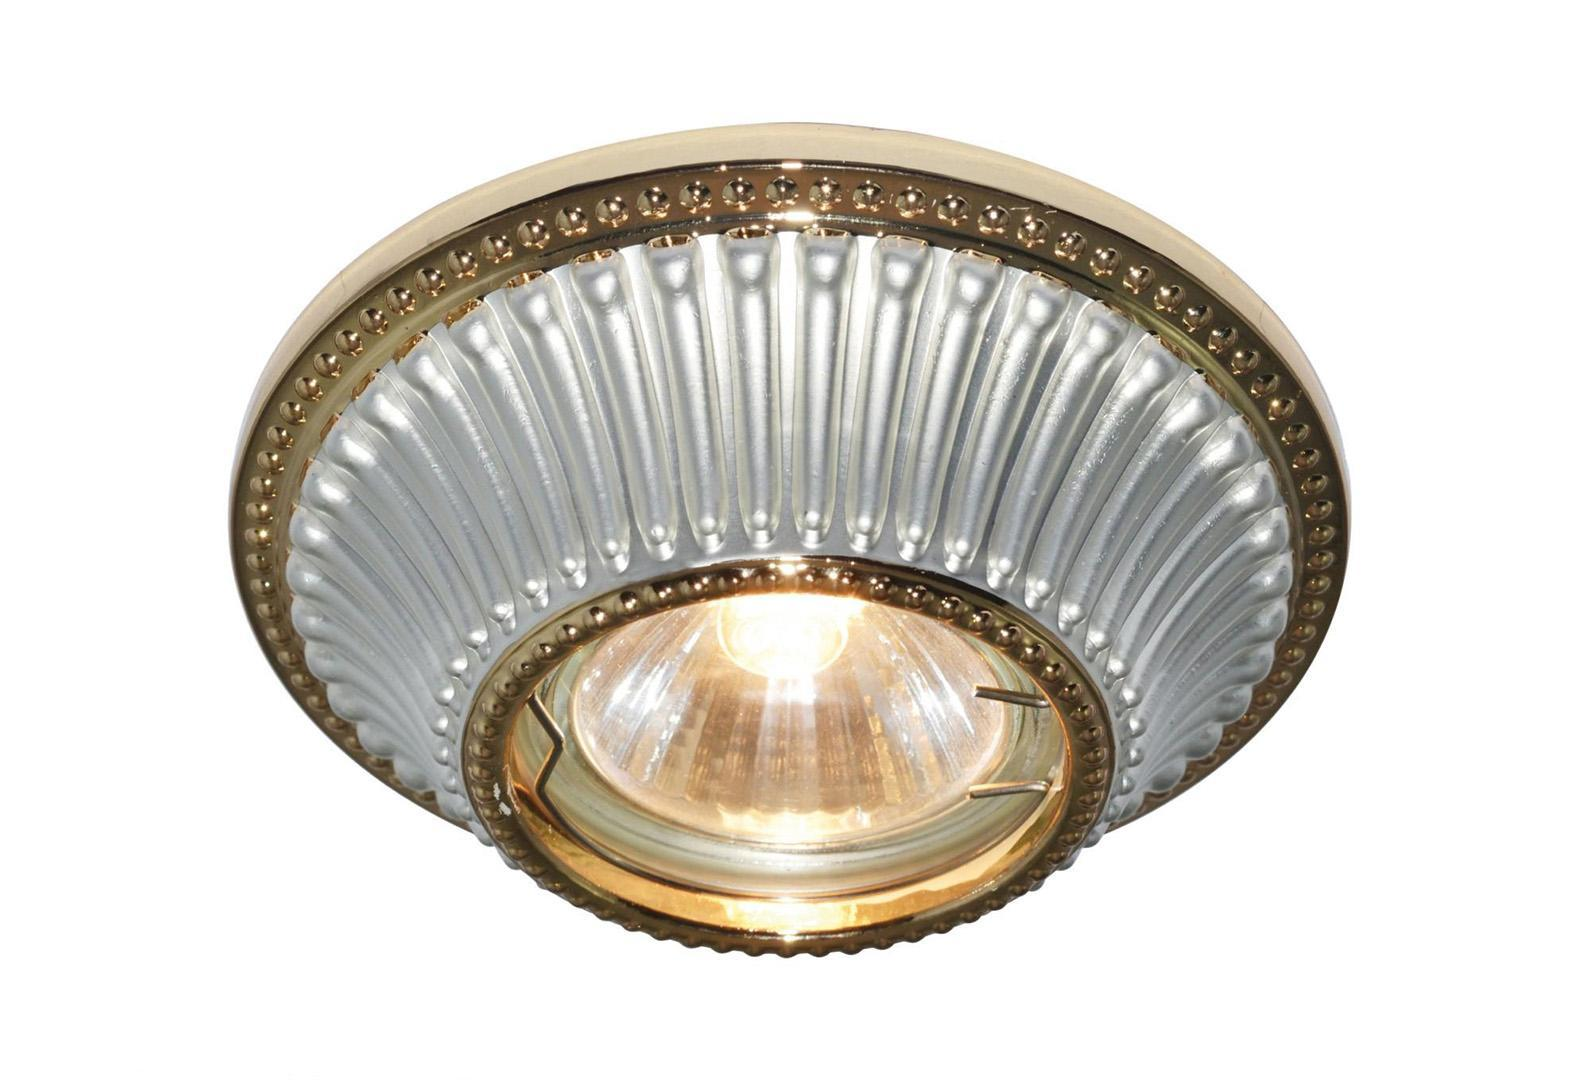 A5298PL-1WG ARENA Встраиваемый светильникA5298PL-1WG1x50W; патроны GU10 и G5,3 в комплекте Материал: Арматура: Металл, литьеРазмер: 110x110x45Цвет: Бело-золотой